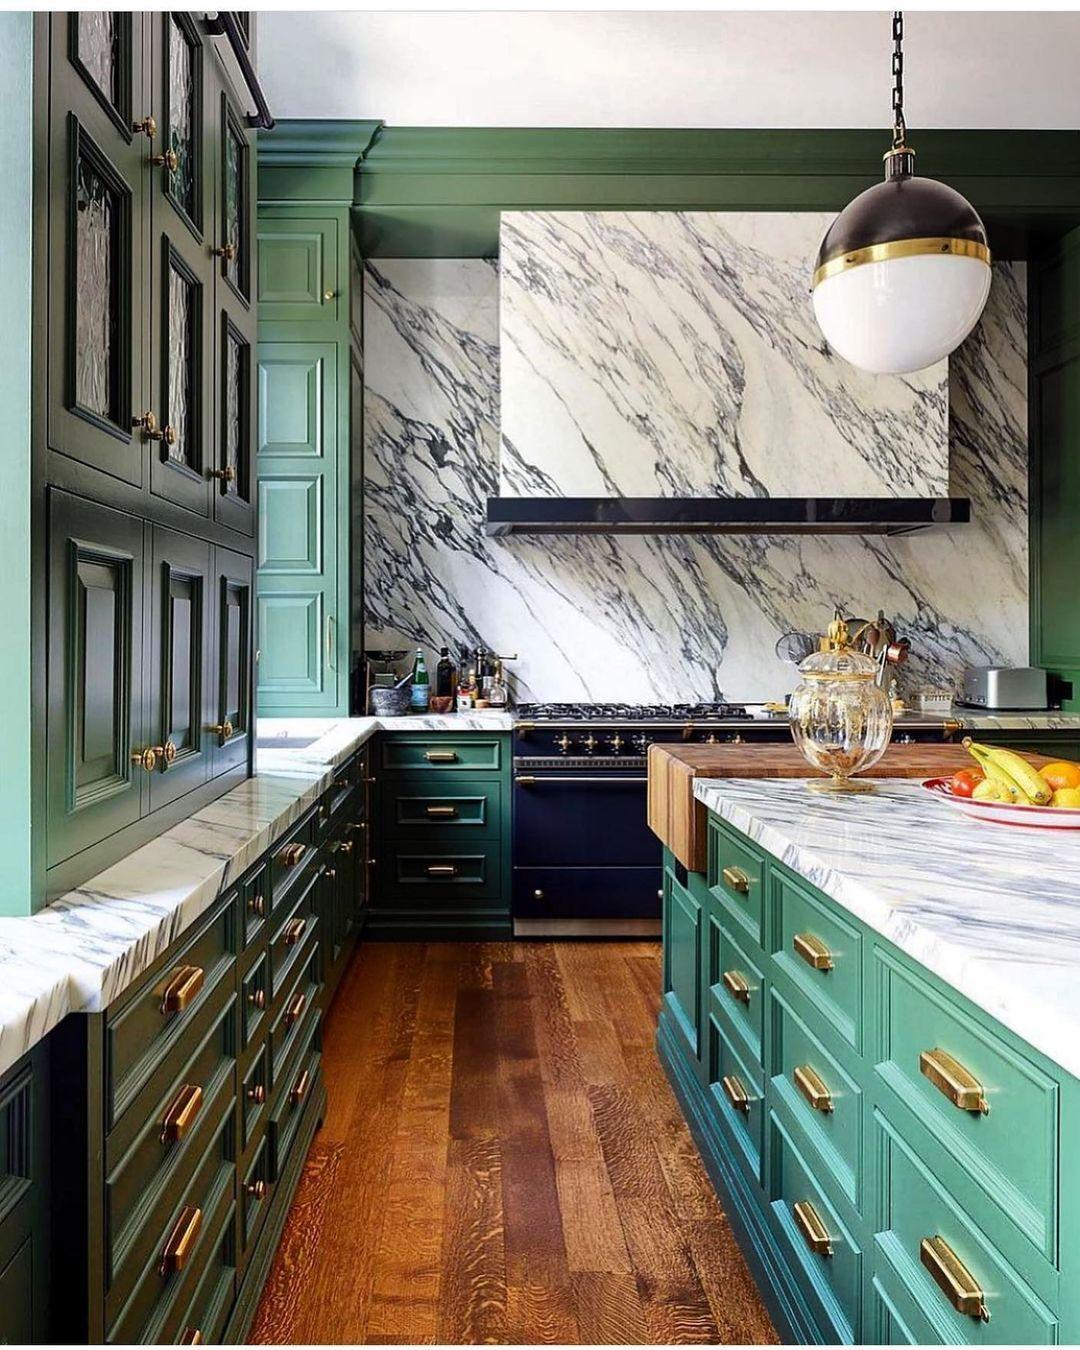 """Scheffer Interiors&ObjetsD'art on Instagram """"Kitchen designed by ..."""